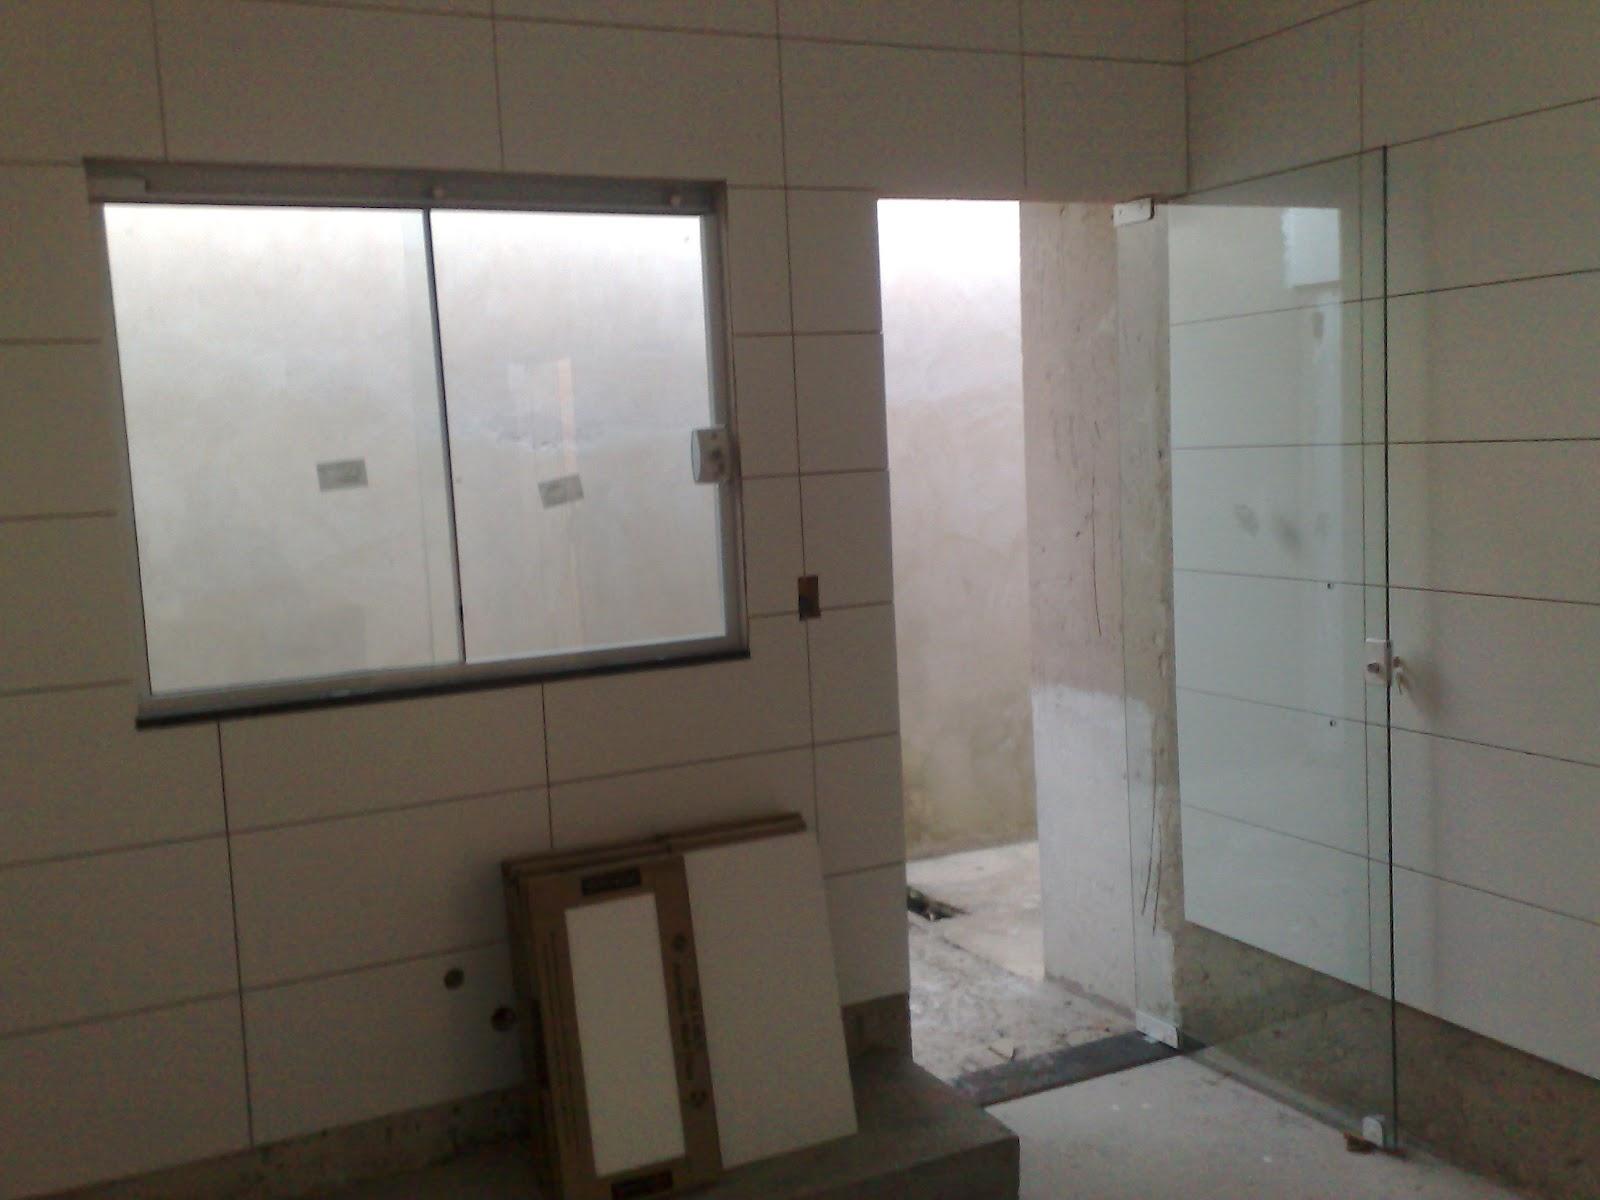 #40382C Passo a passo da construção da minha primeira casa: Maio 2012 1114 Portas E Janelas De Aluminio Para Cozinha